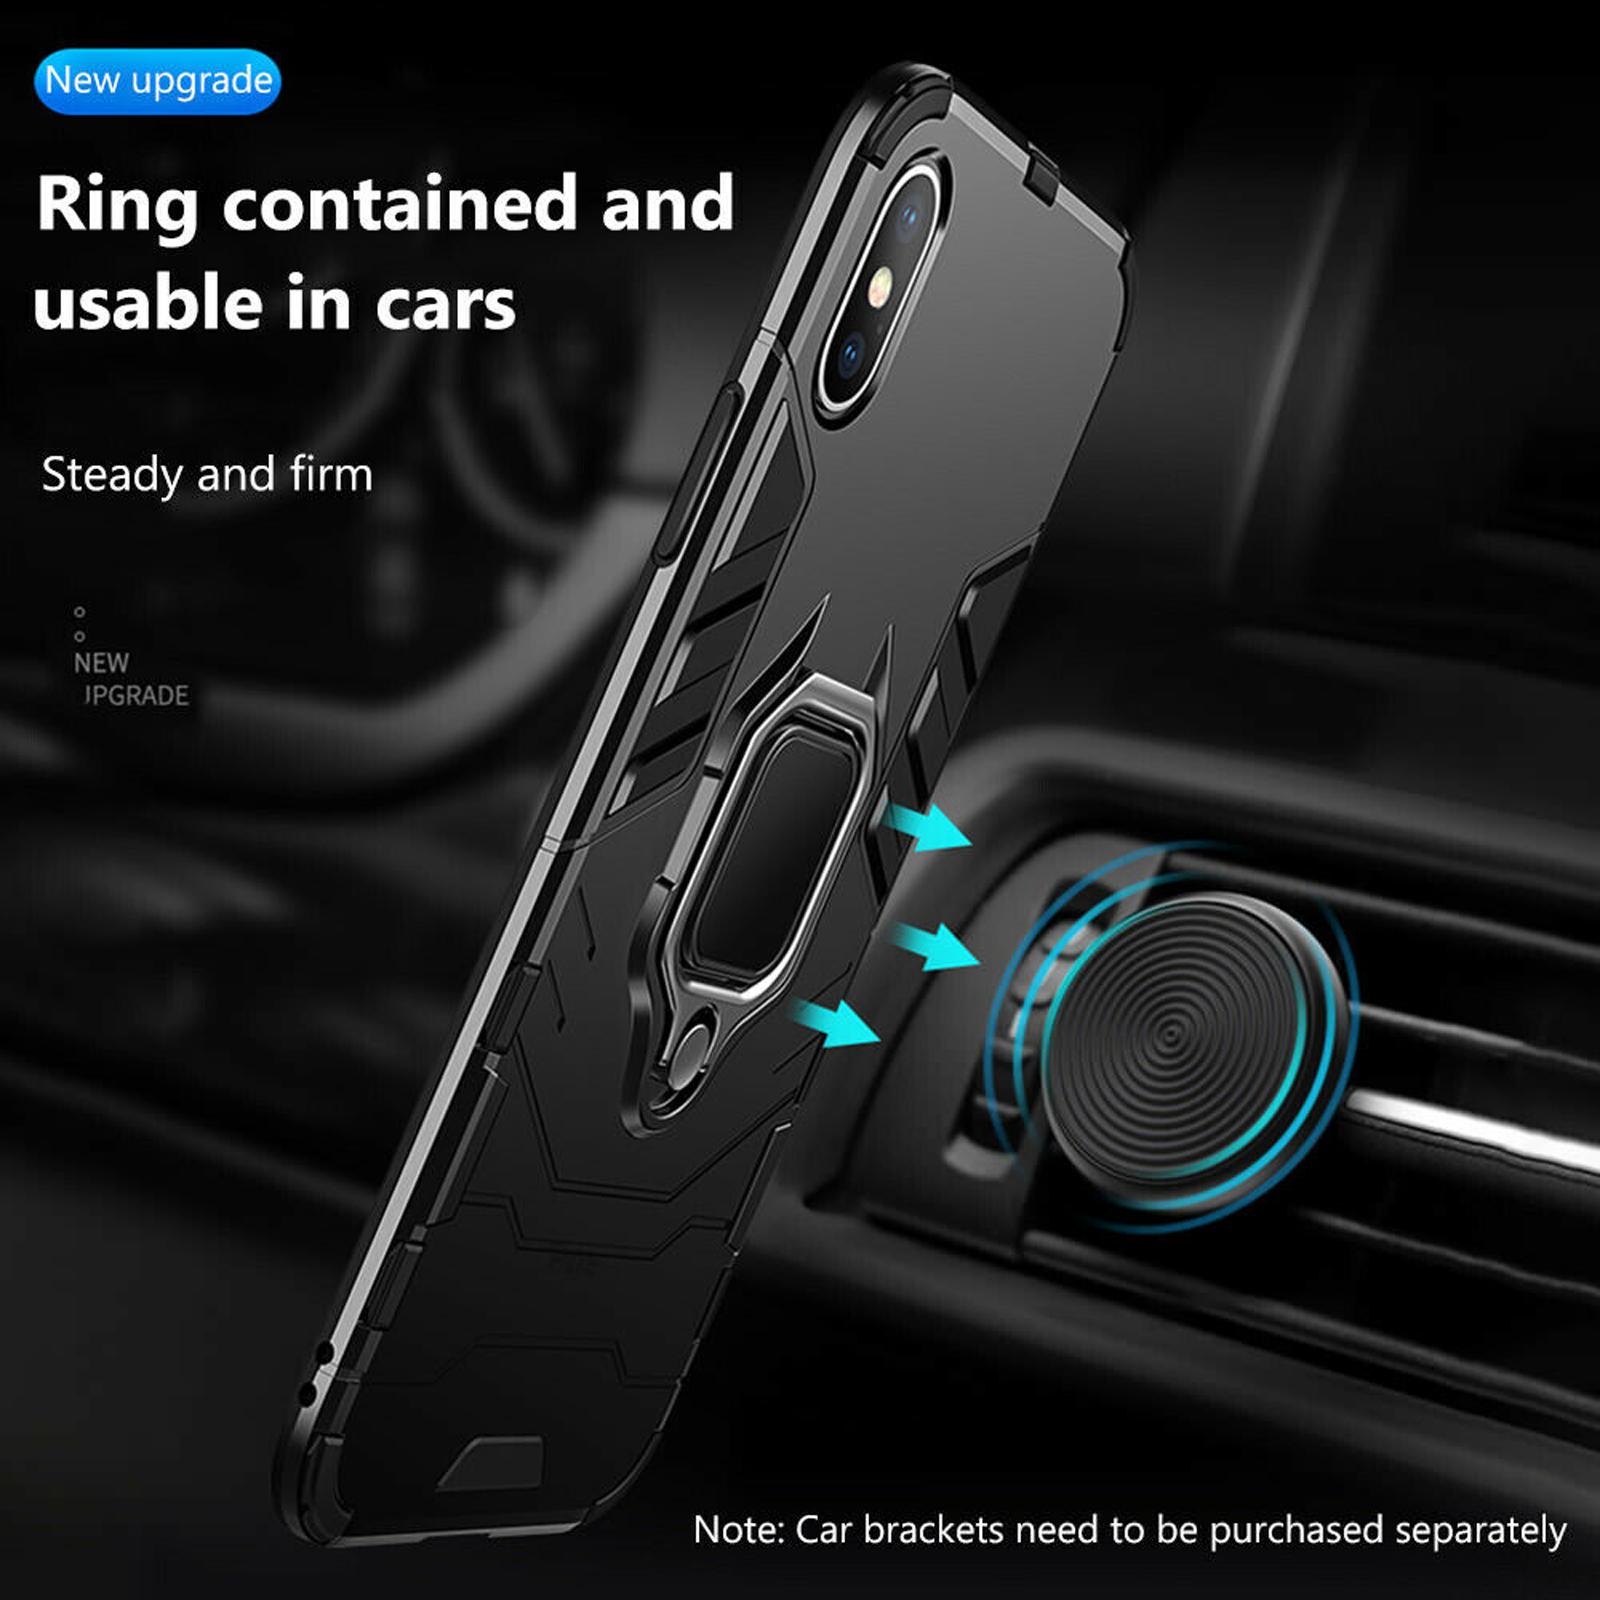 thumbnail 14 - For Apple iPhone 12 Pro Max Mini 11 XR X 8 7 Plus 6 Se 2020 Case Cover Ring